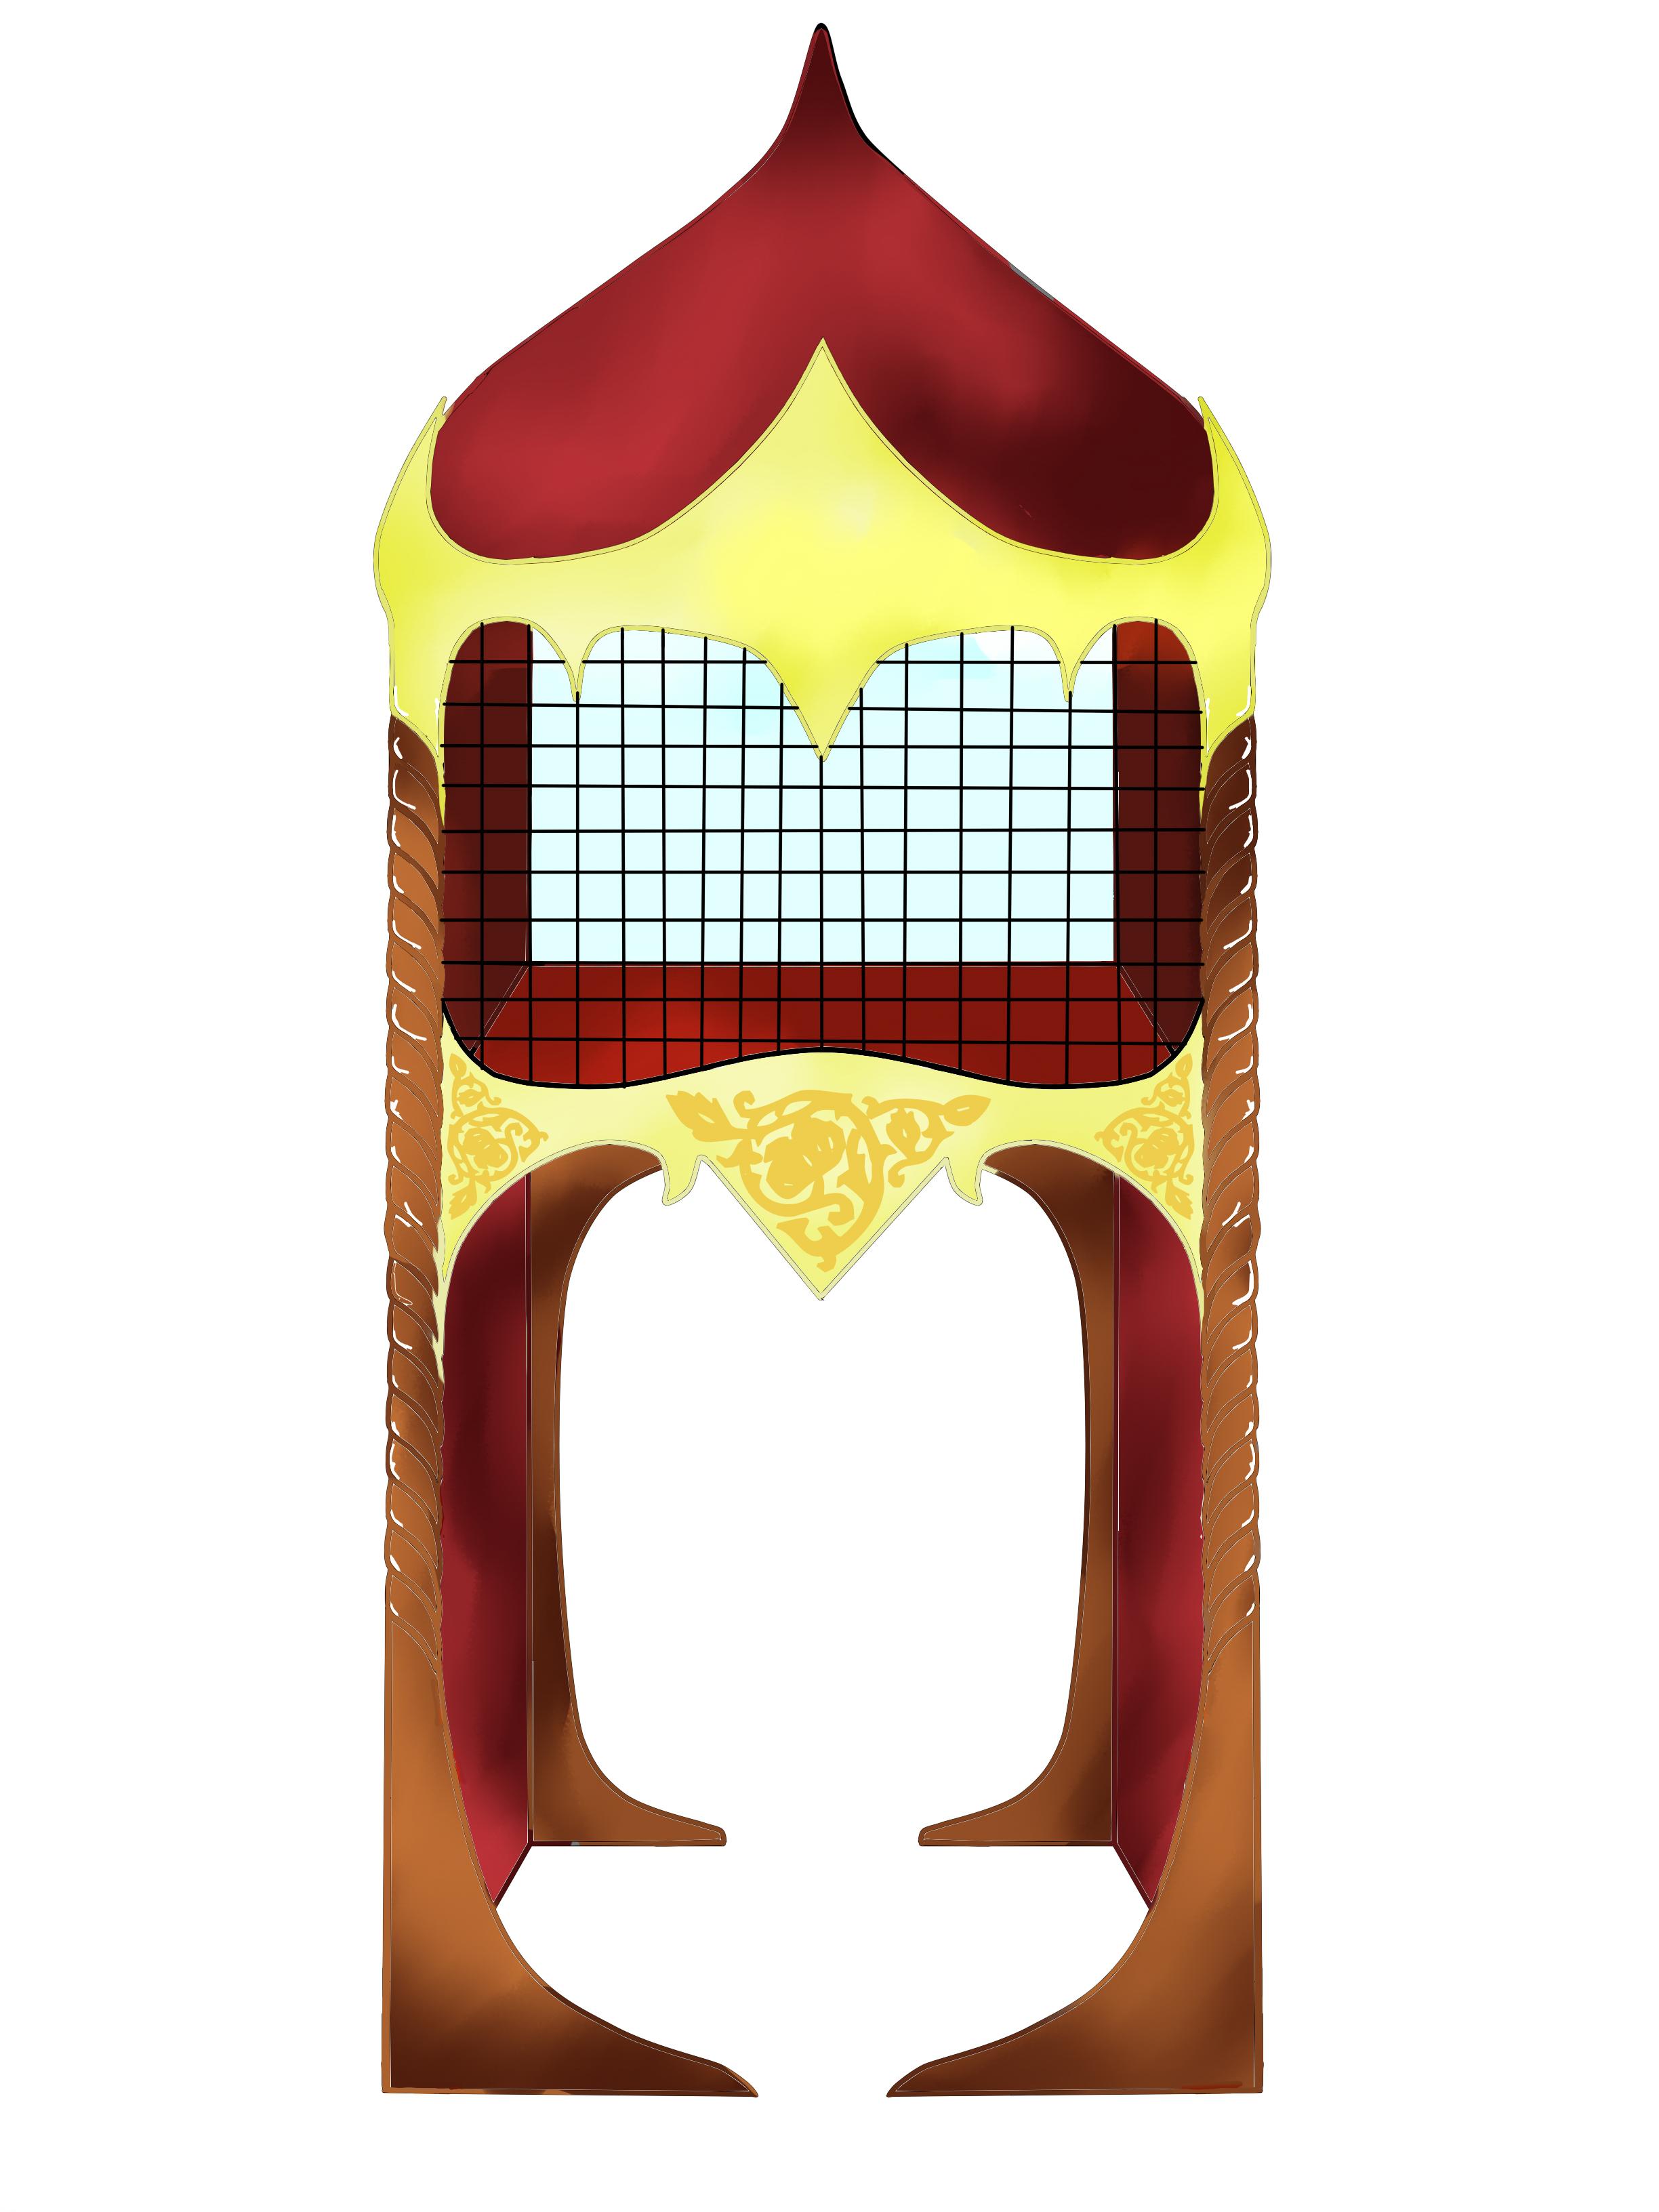 Дизайн конструкции для размещения в ней живого соболя фото f_71457015b9941194.jpg